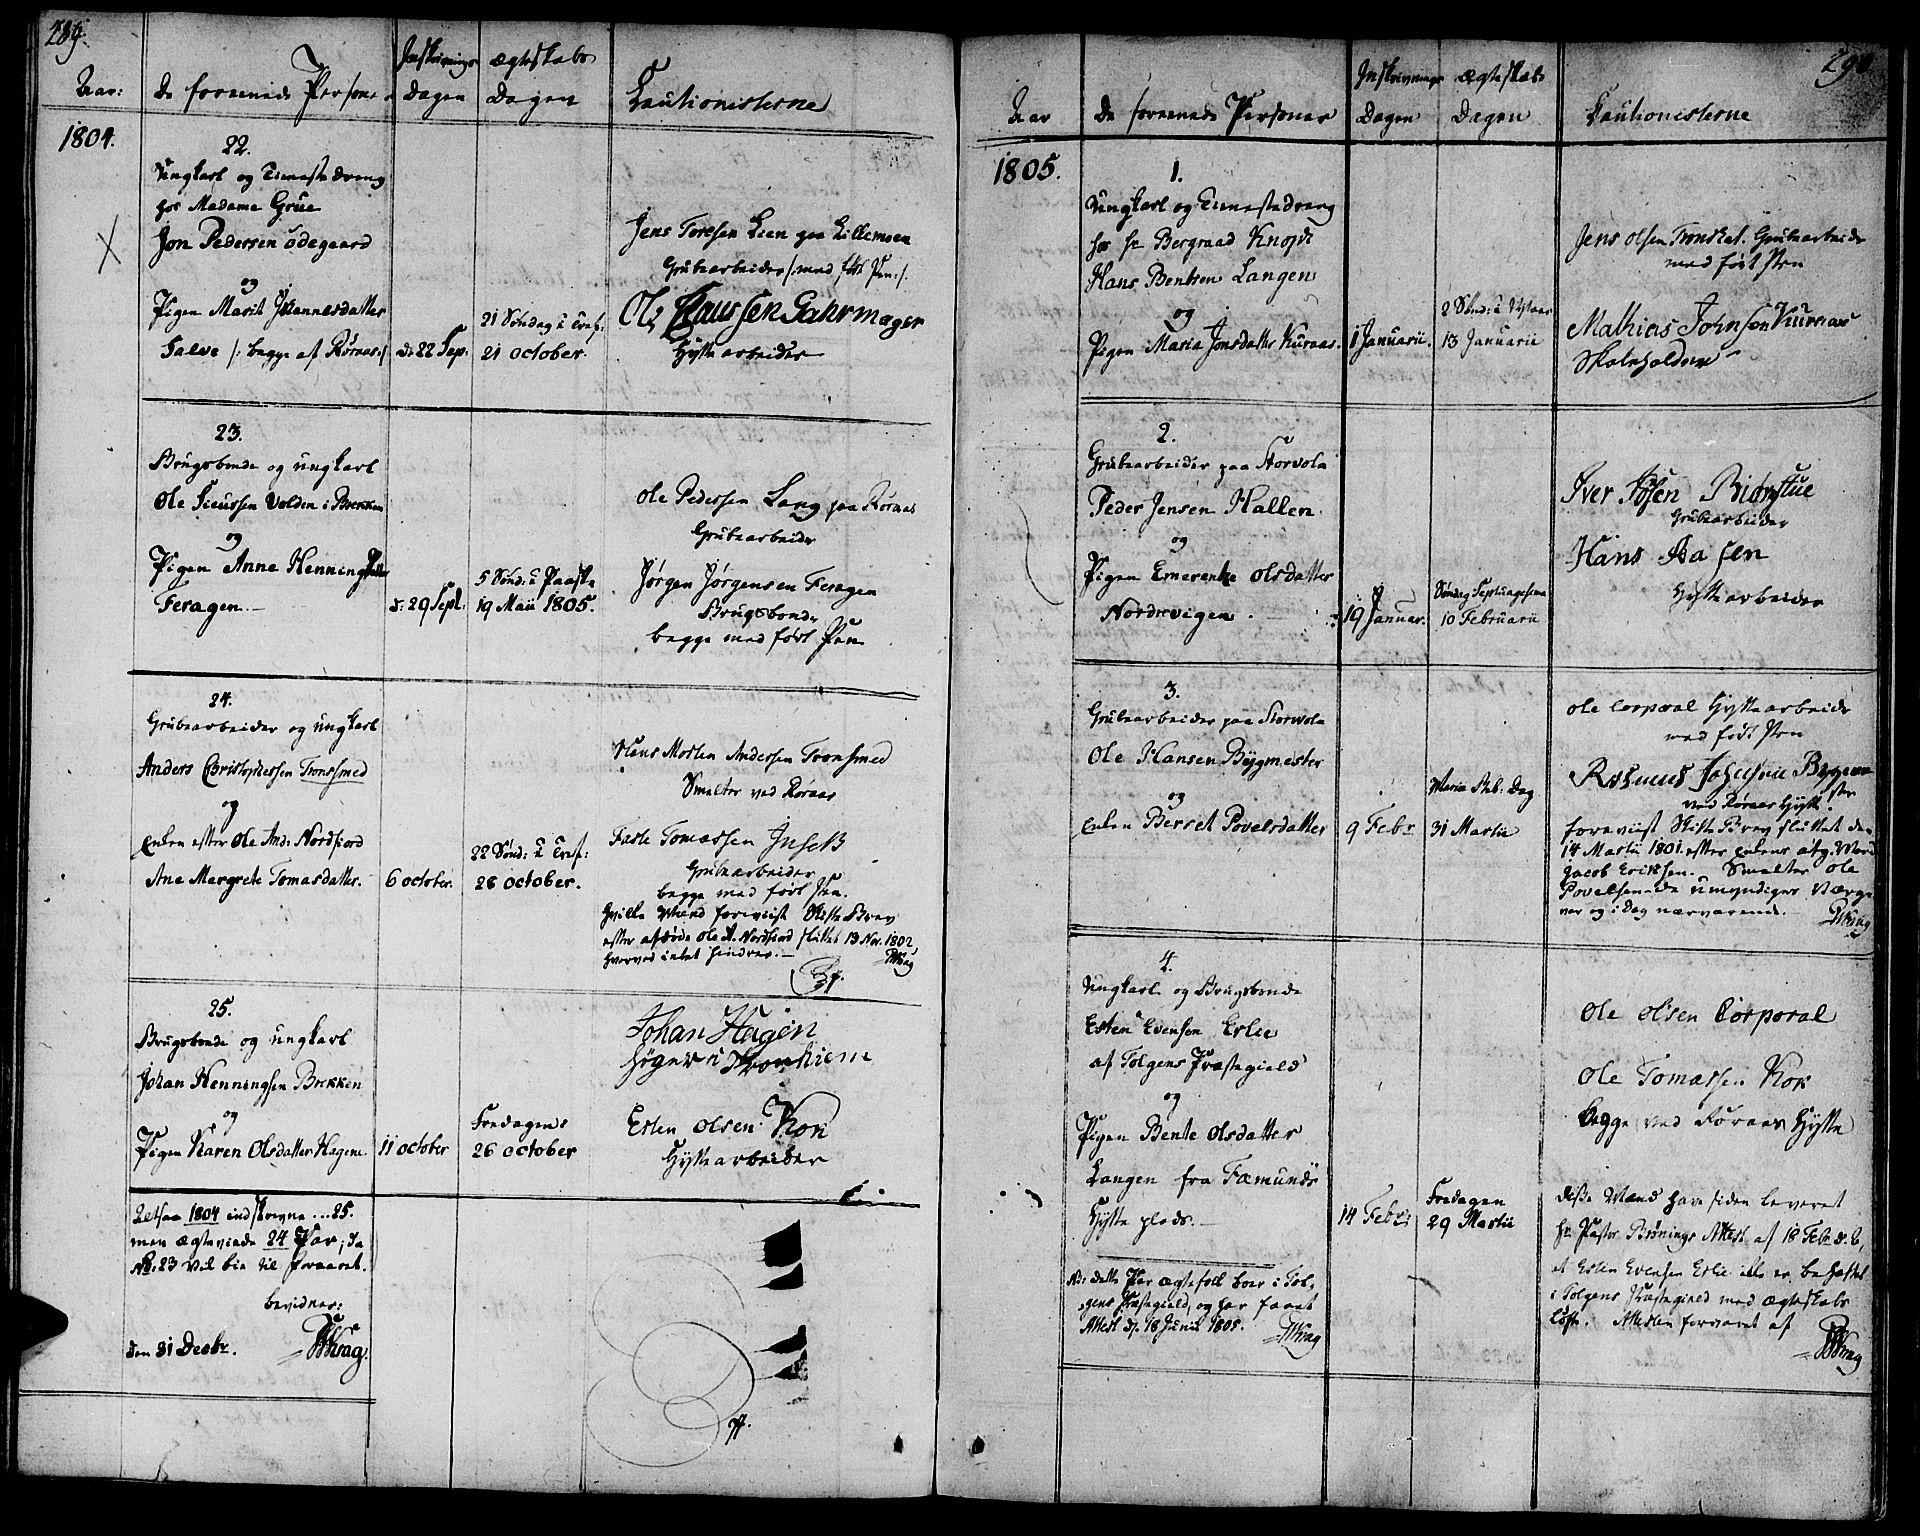 SAT, Ministerialprotokoller, klokkerbøker og fødselsregistre - Sør-Trøndelag, 681/L0927: Ministerialbok nr. 681A05, 1798-1808, s. 289-290